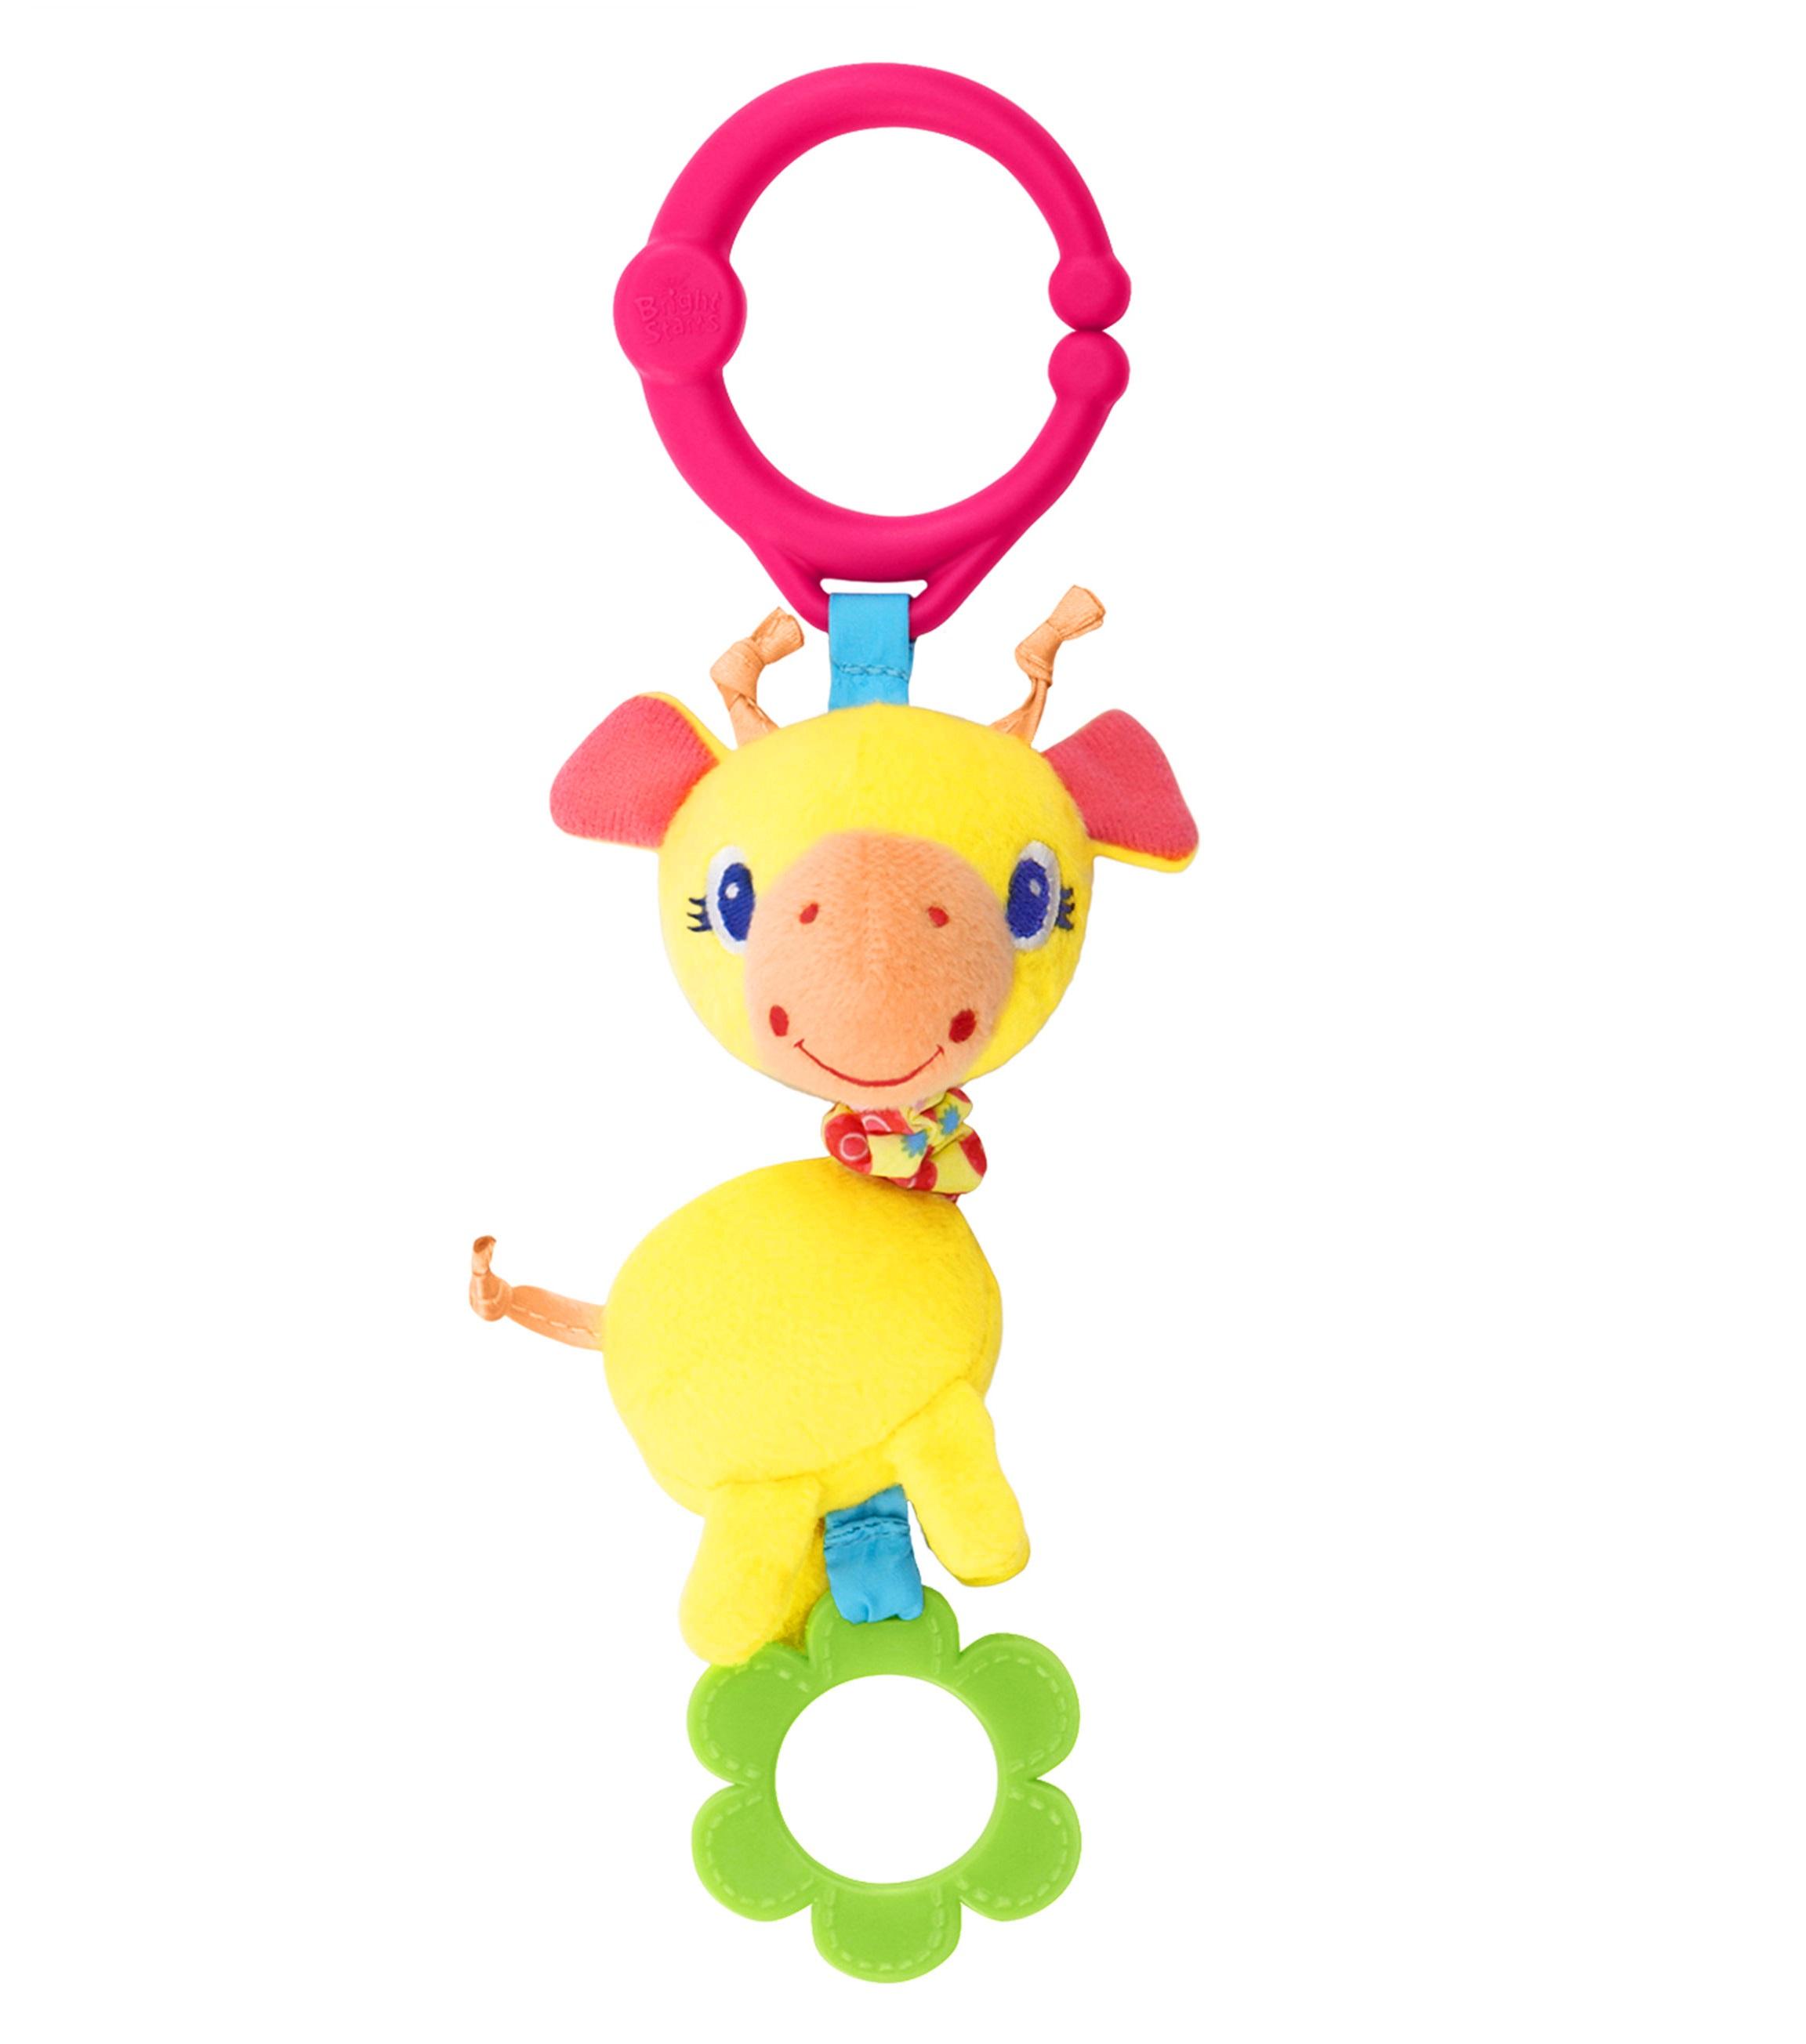 Развивающая игрушка «Дрожащий Дружок», ЖирафДетские погремушки и подвесные игрушки на кроватку<br>С симпатичным Жирафом можно не только поиграть, но и погрызть, когда чешутся зубки.<br>